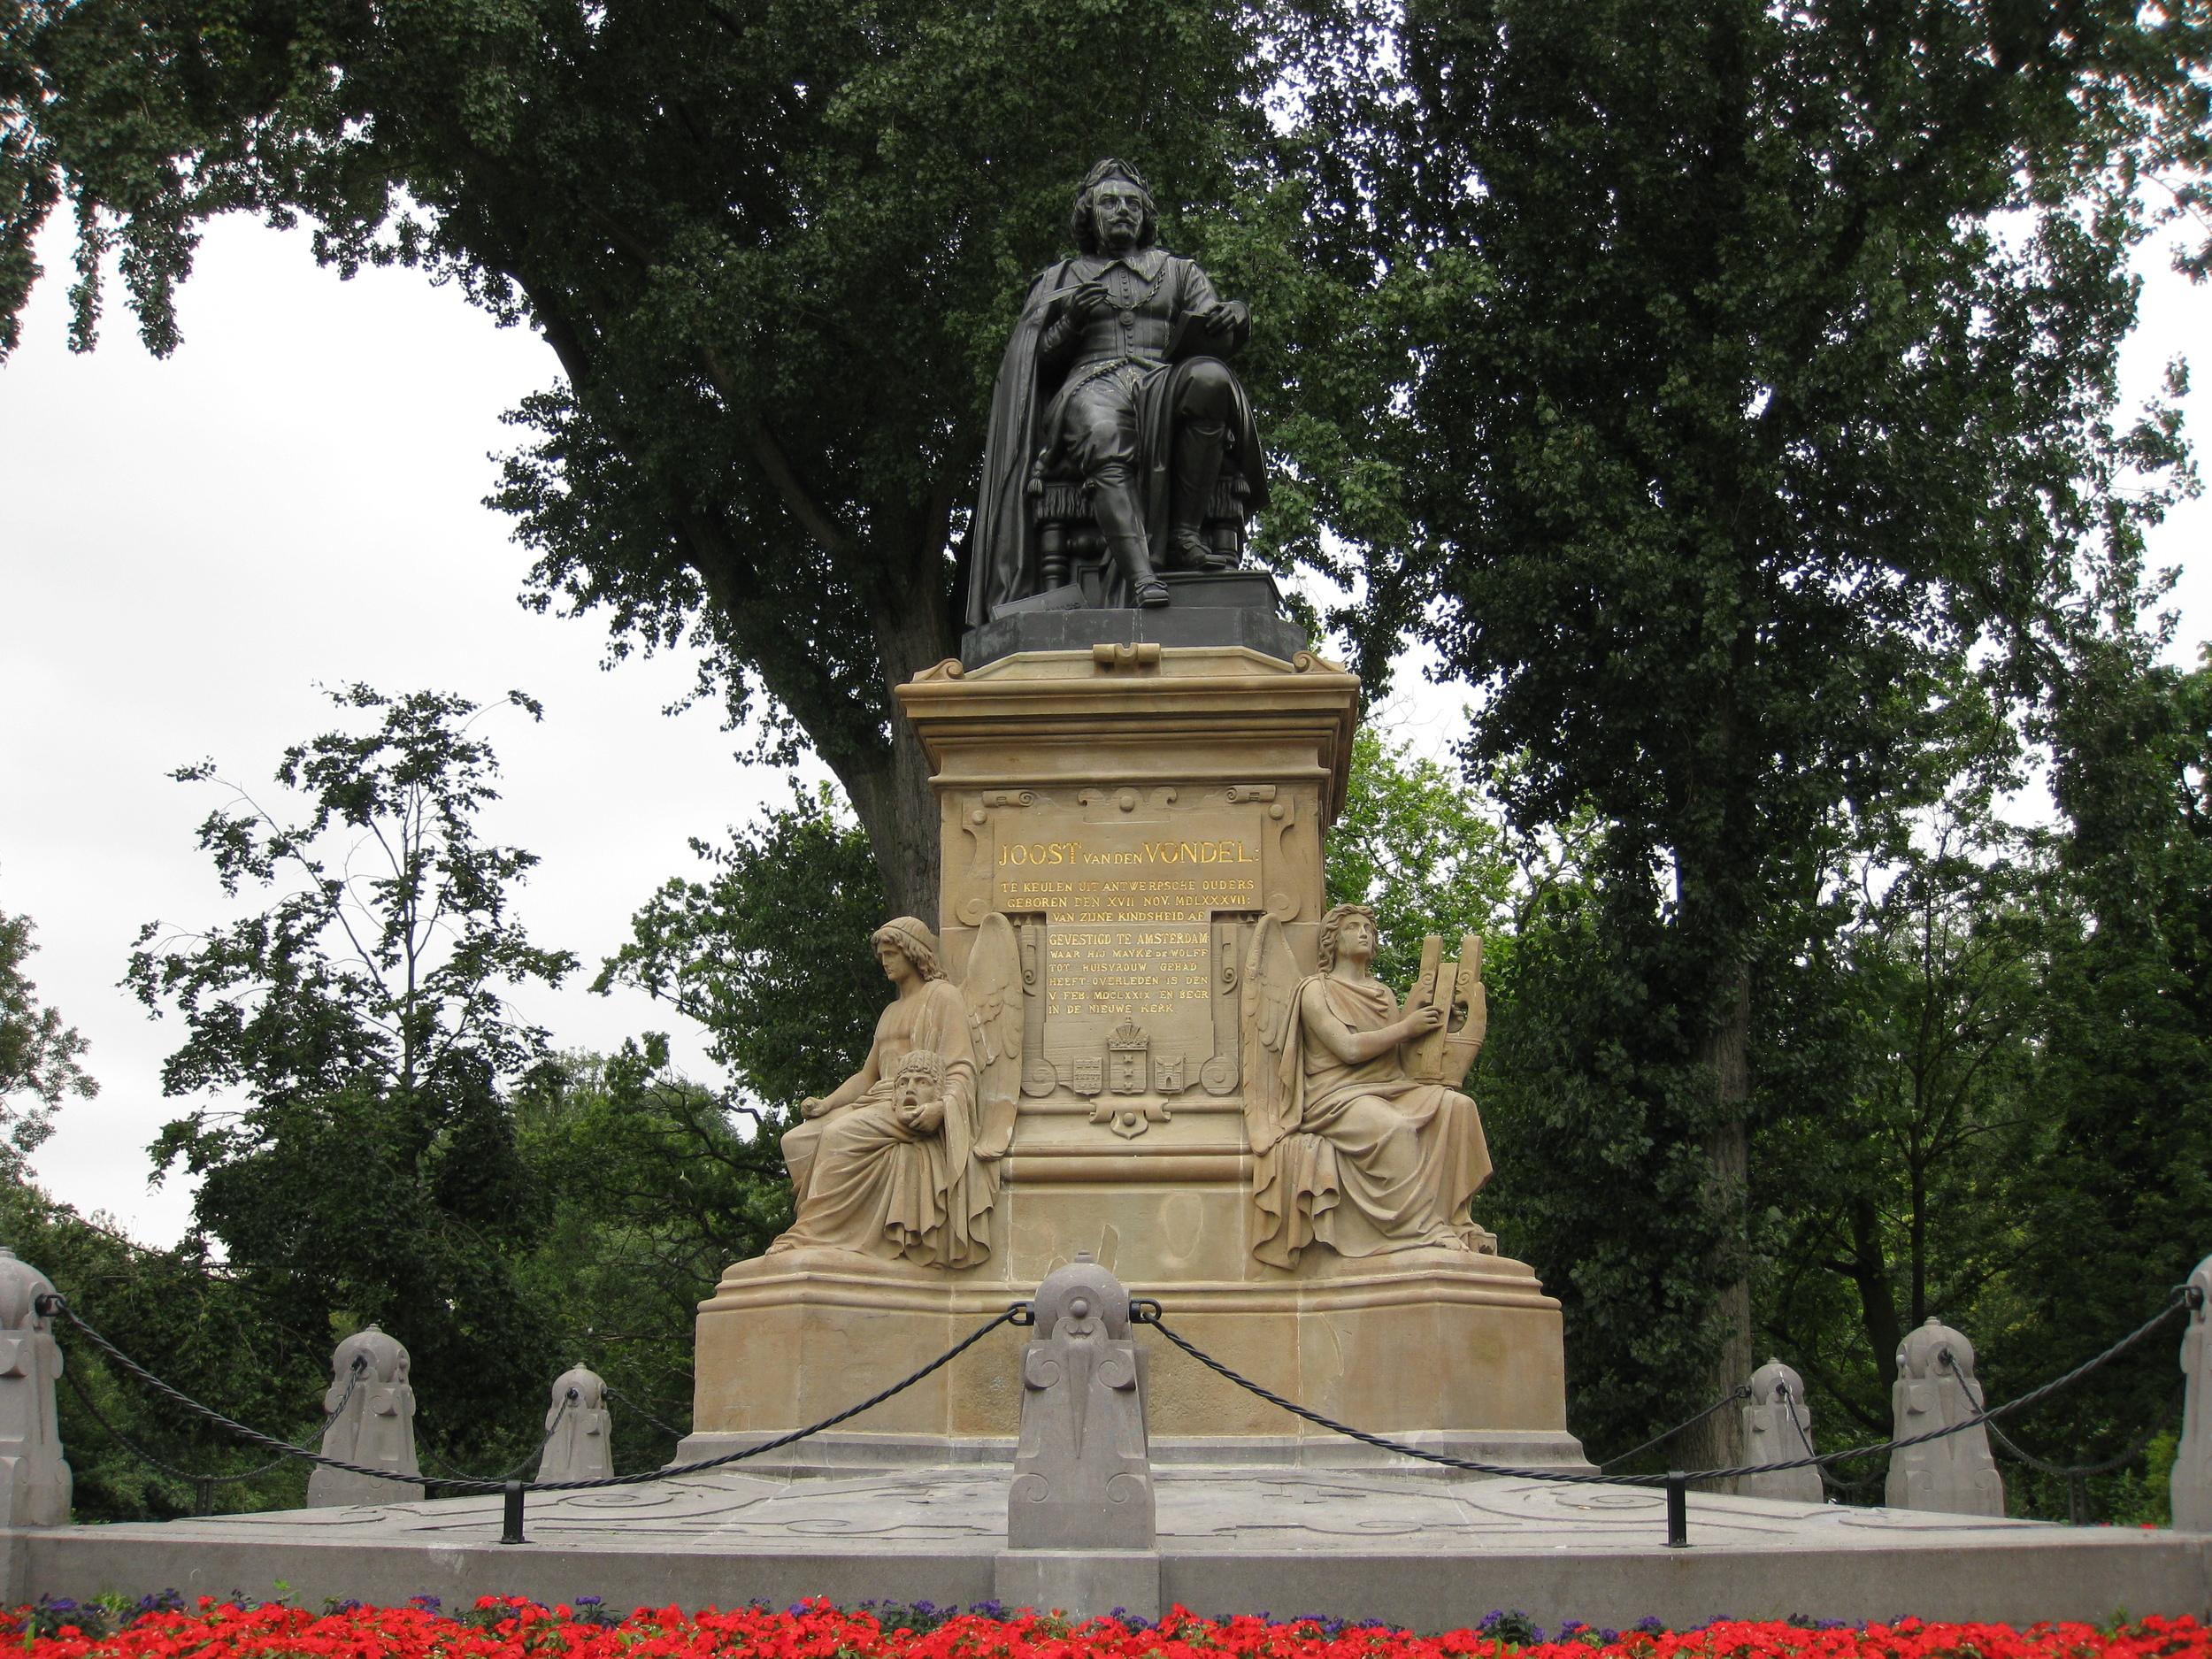 Joost_van_den_Vondel_-monument.JPG